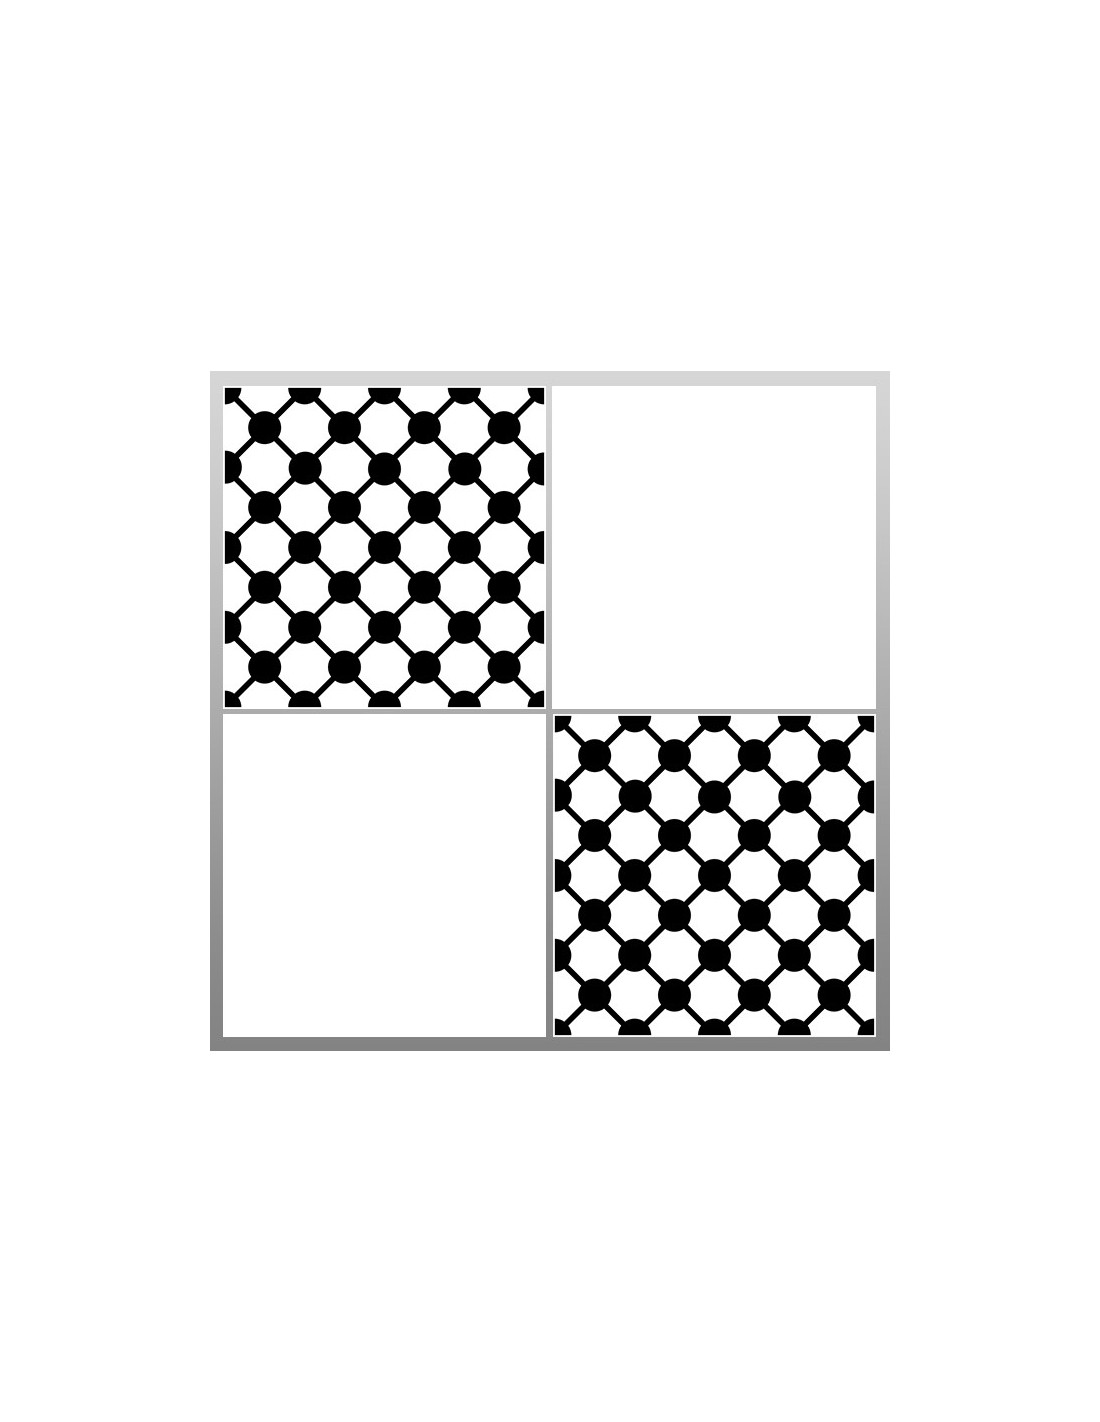 Carrelage Design sticker pour carrelage : Stickers du00e9coration design pour carrelage cuisine, salle de bain